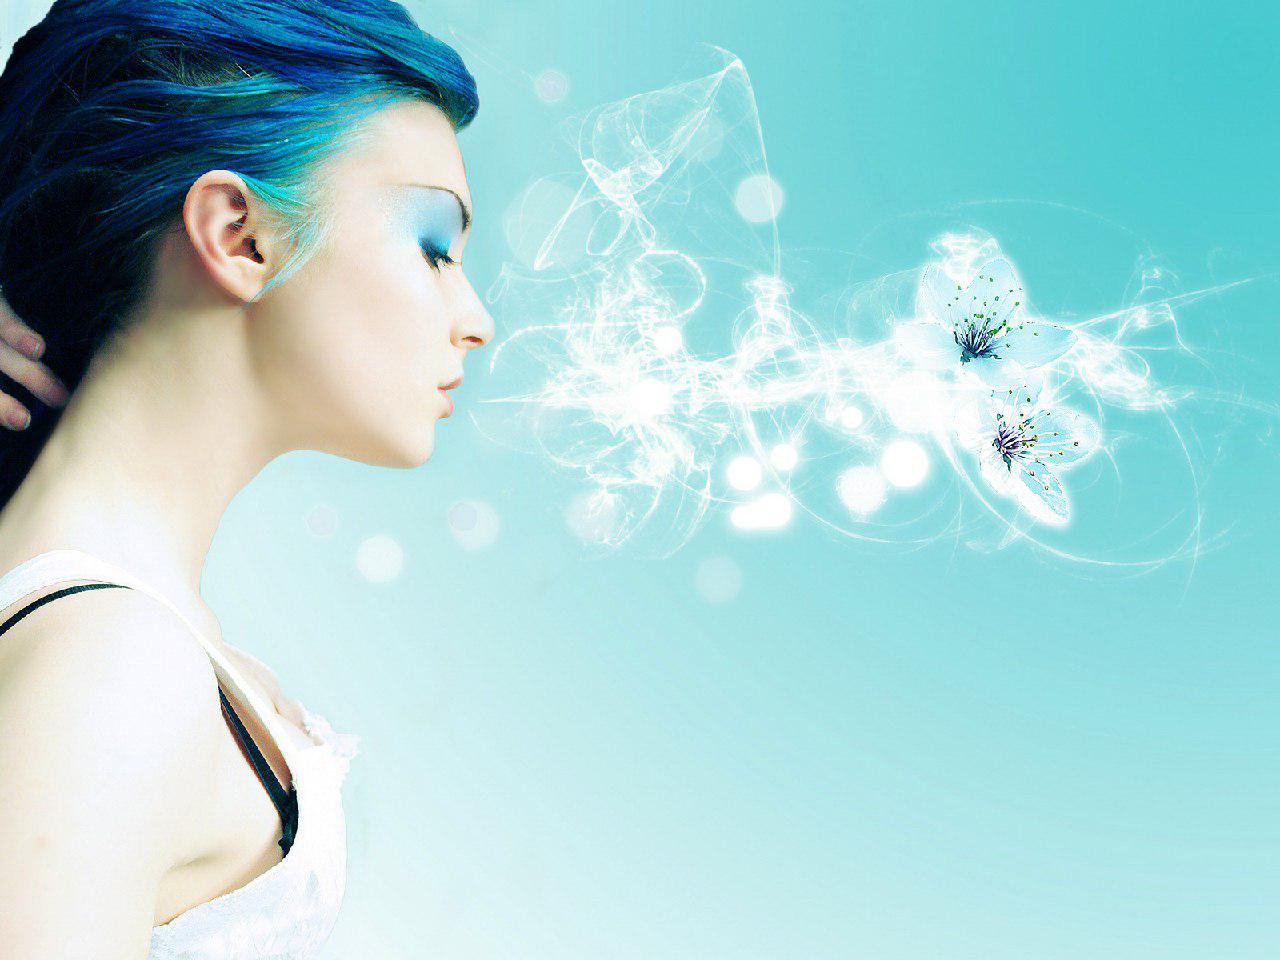 come l'essere umano respira